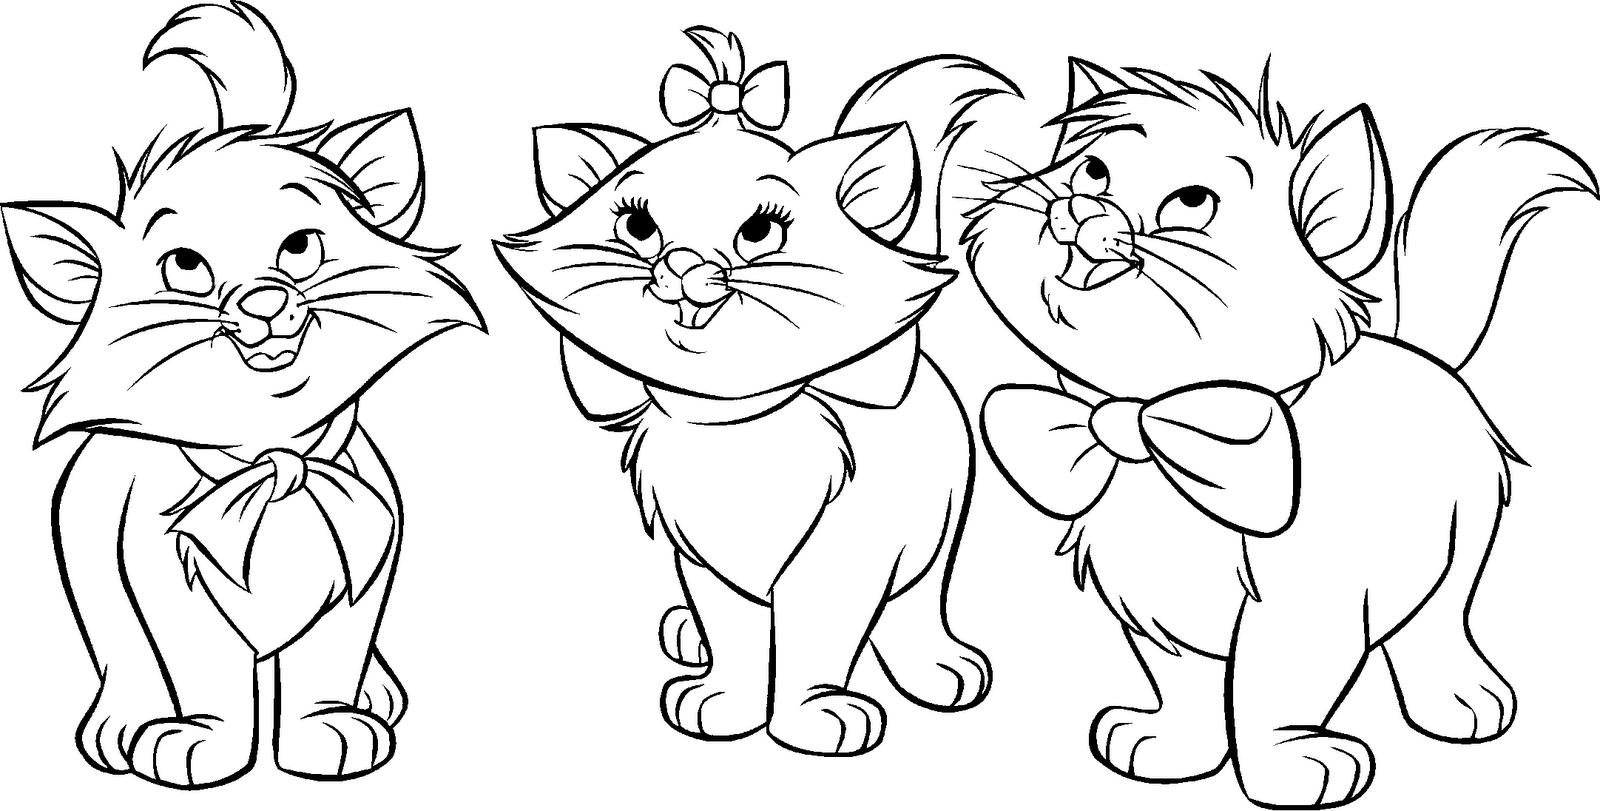 Imagens para Colorir da Gatinha Marie da Disney - imagens para colorir da gatinha marie